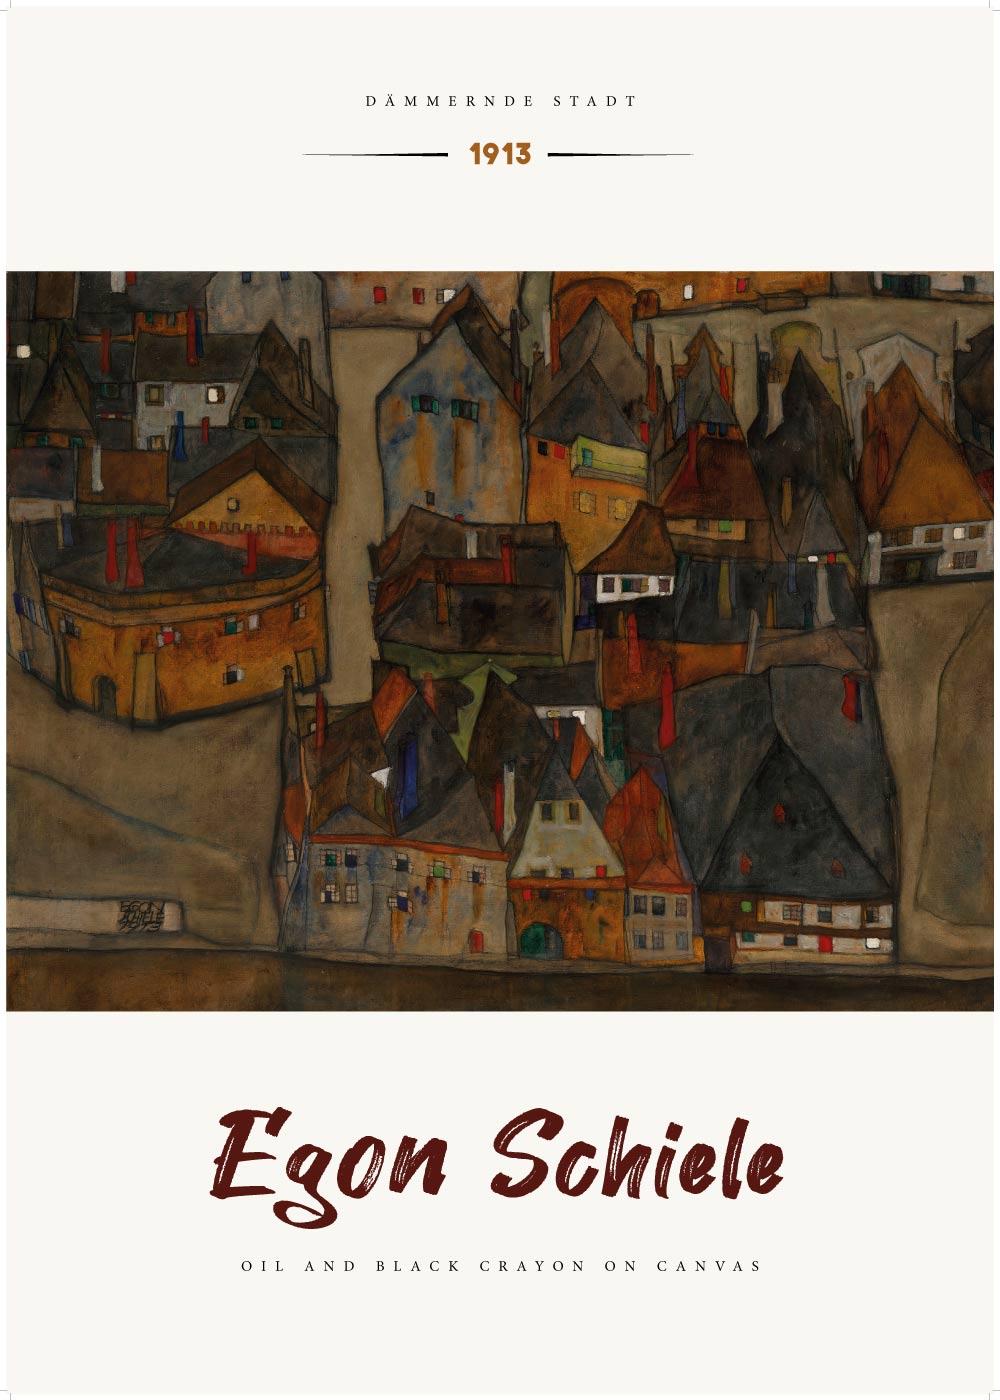 Billede af Dämmernde stadt - Egon Schiele